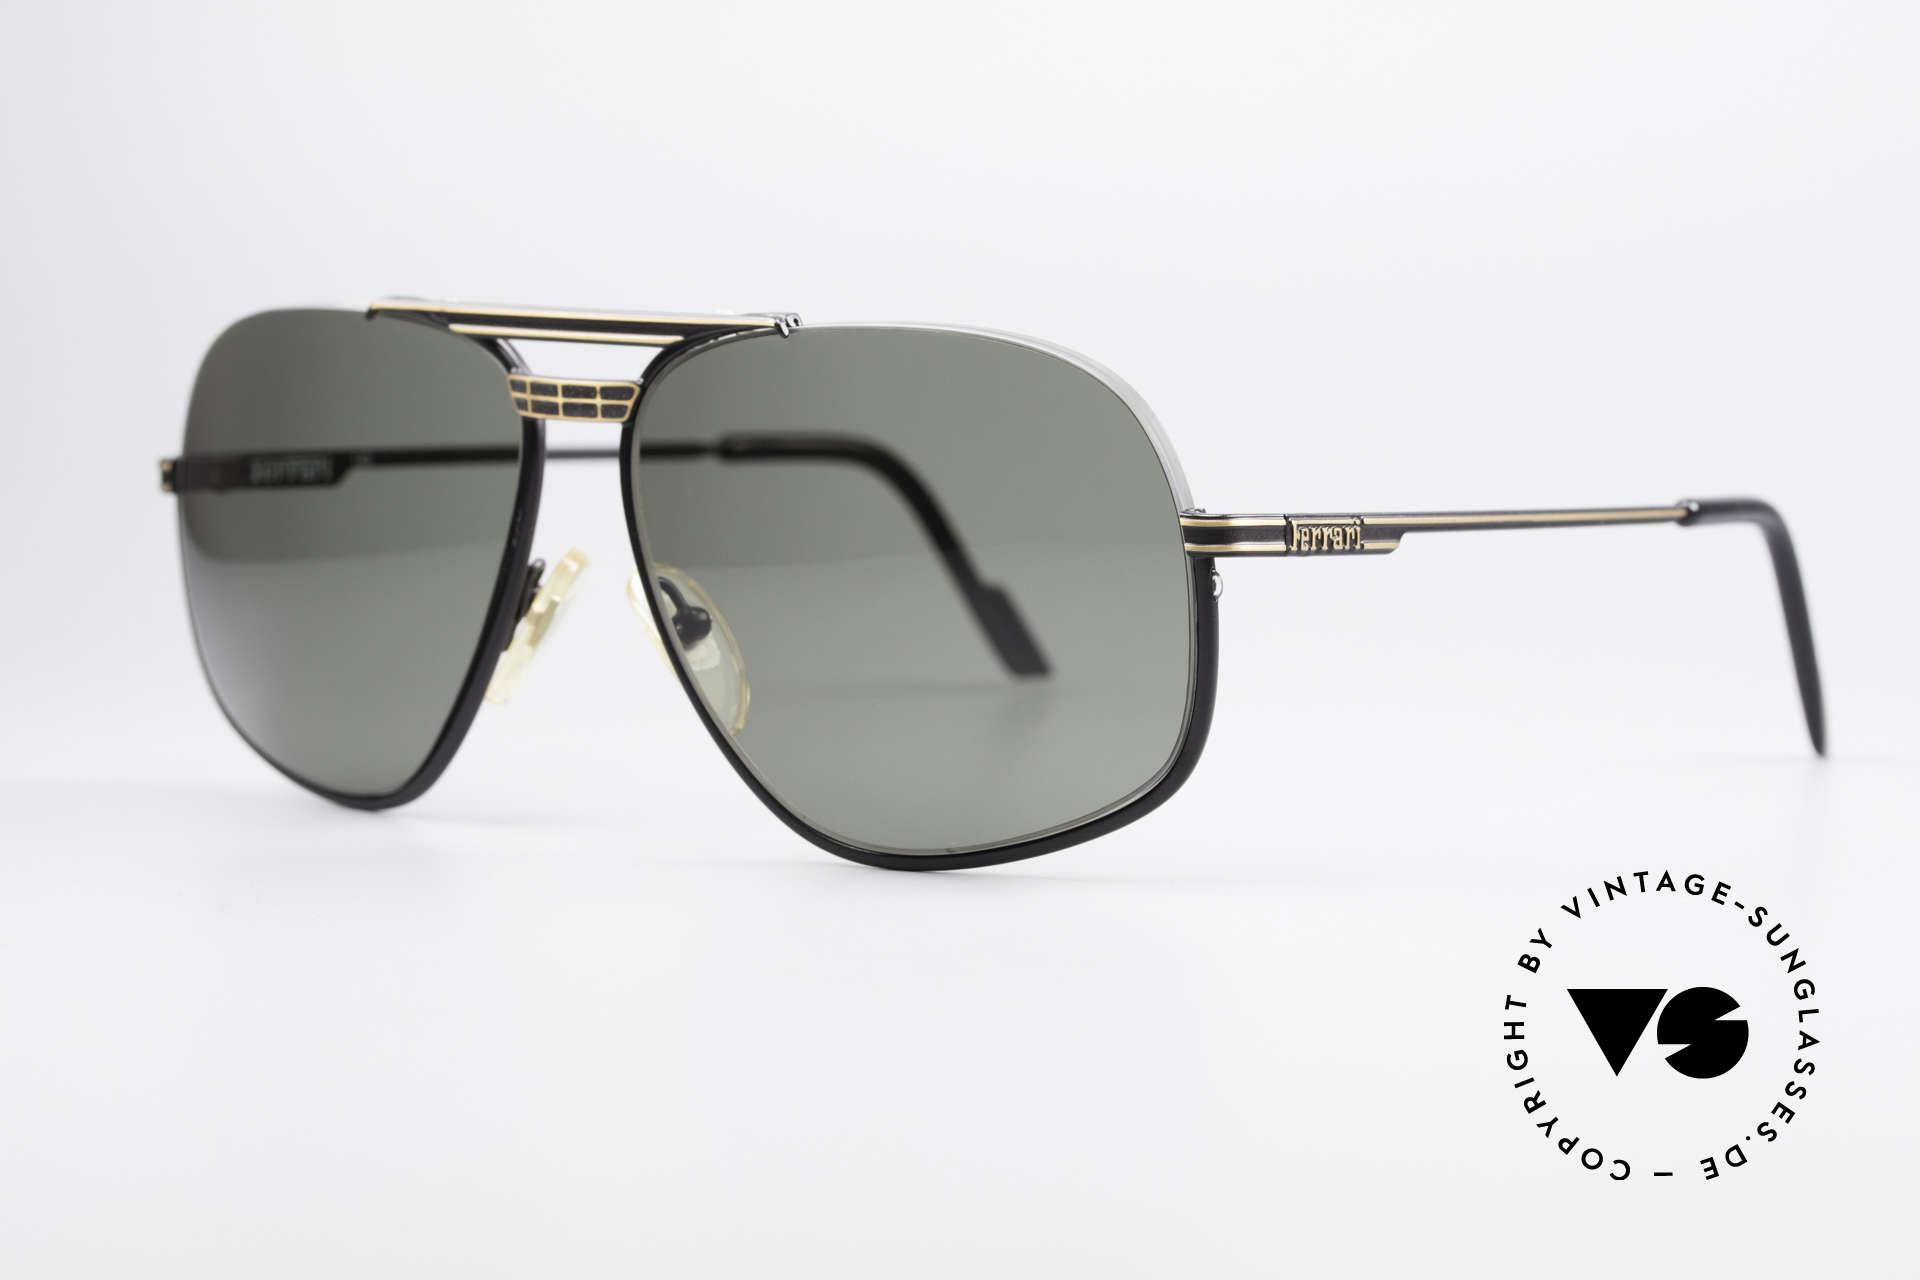 Ferrari F4 - L Rennfahrer Sonnenbrille 80er, halb-rahmenlos (ideale Passform in L Größe 62-14), Passend für Herren